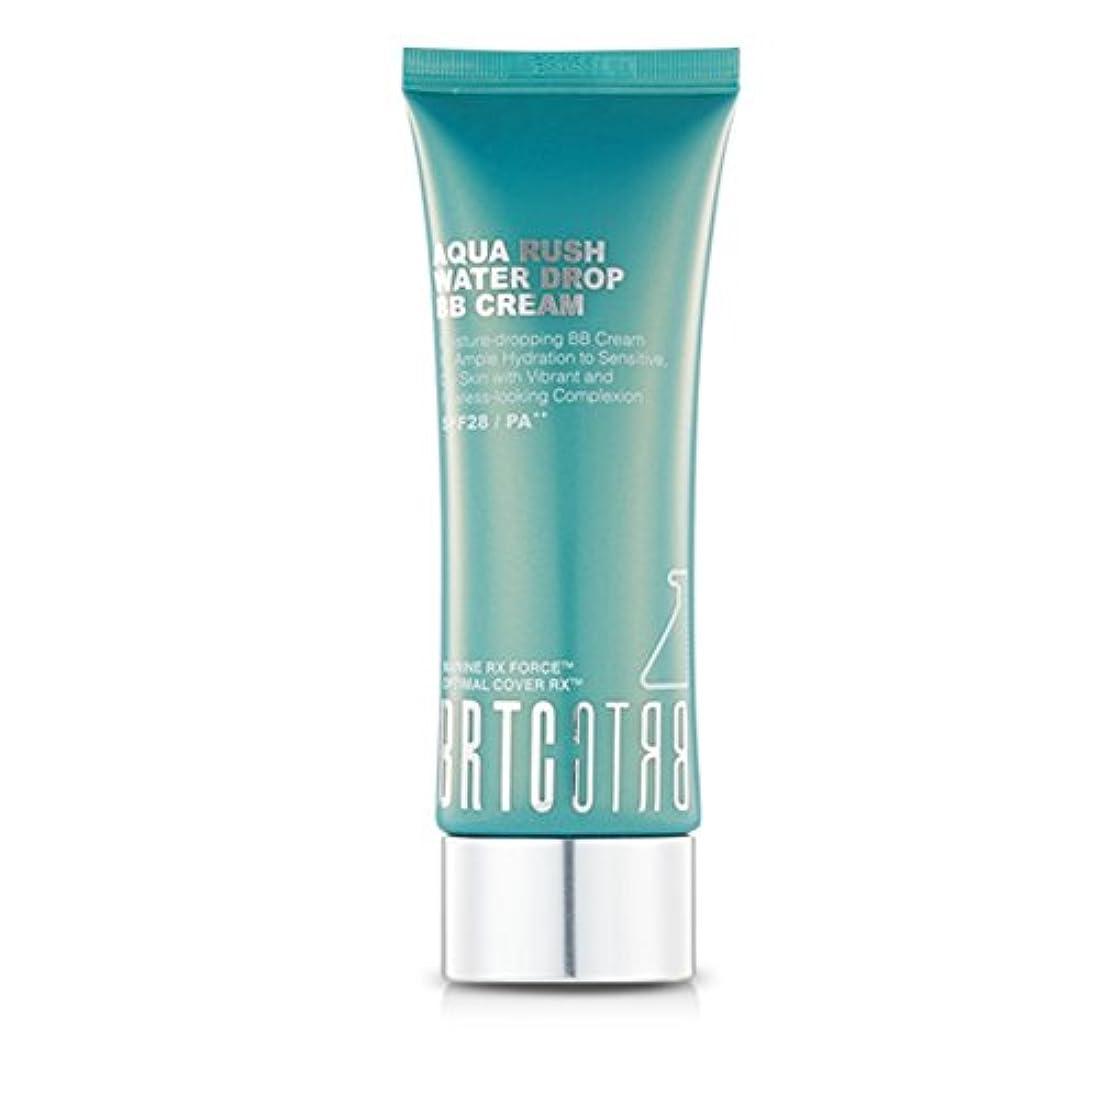 ボンドの頭の上はさみ【BRTC/非アルティさん]韓国化粧品Aqua Rush Water Drop BB Cream/こすると水滴がソングルソングルミネラルBB/アクアラッシュウォータードロップBBクリーム60g(海外直送品)